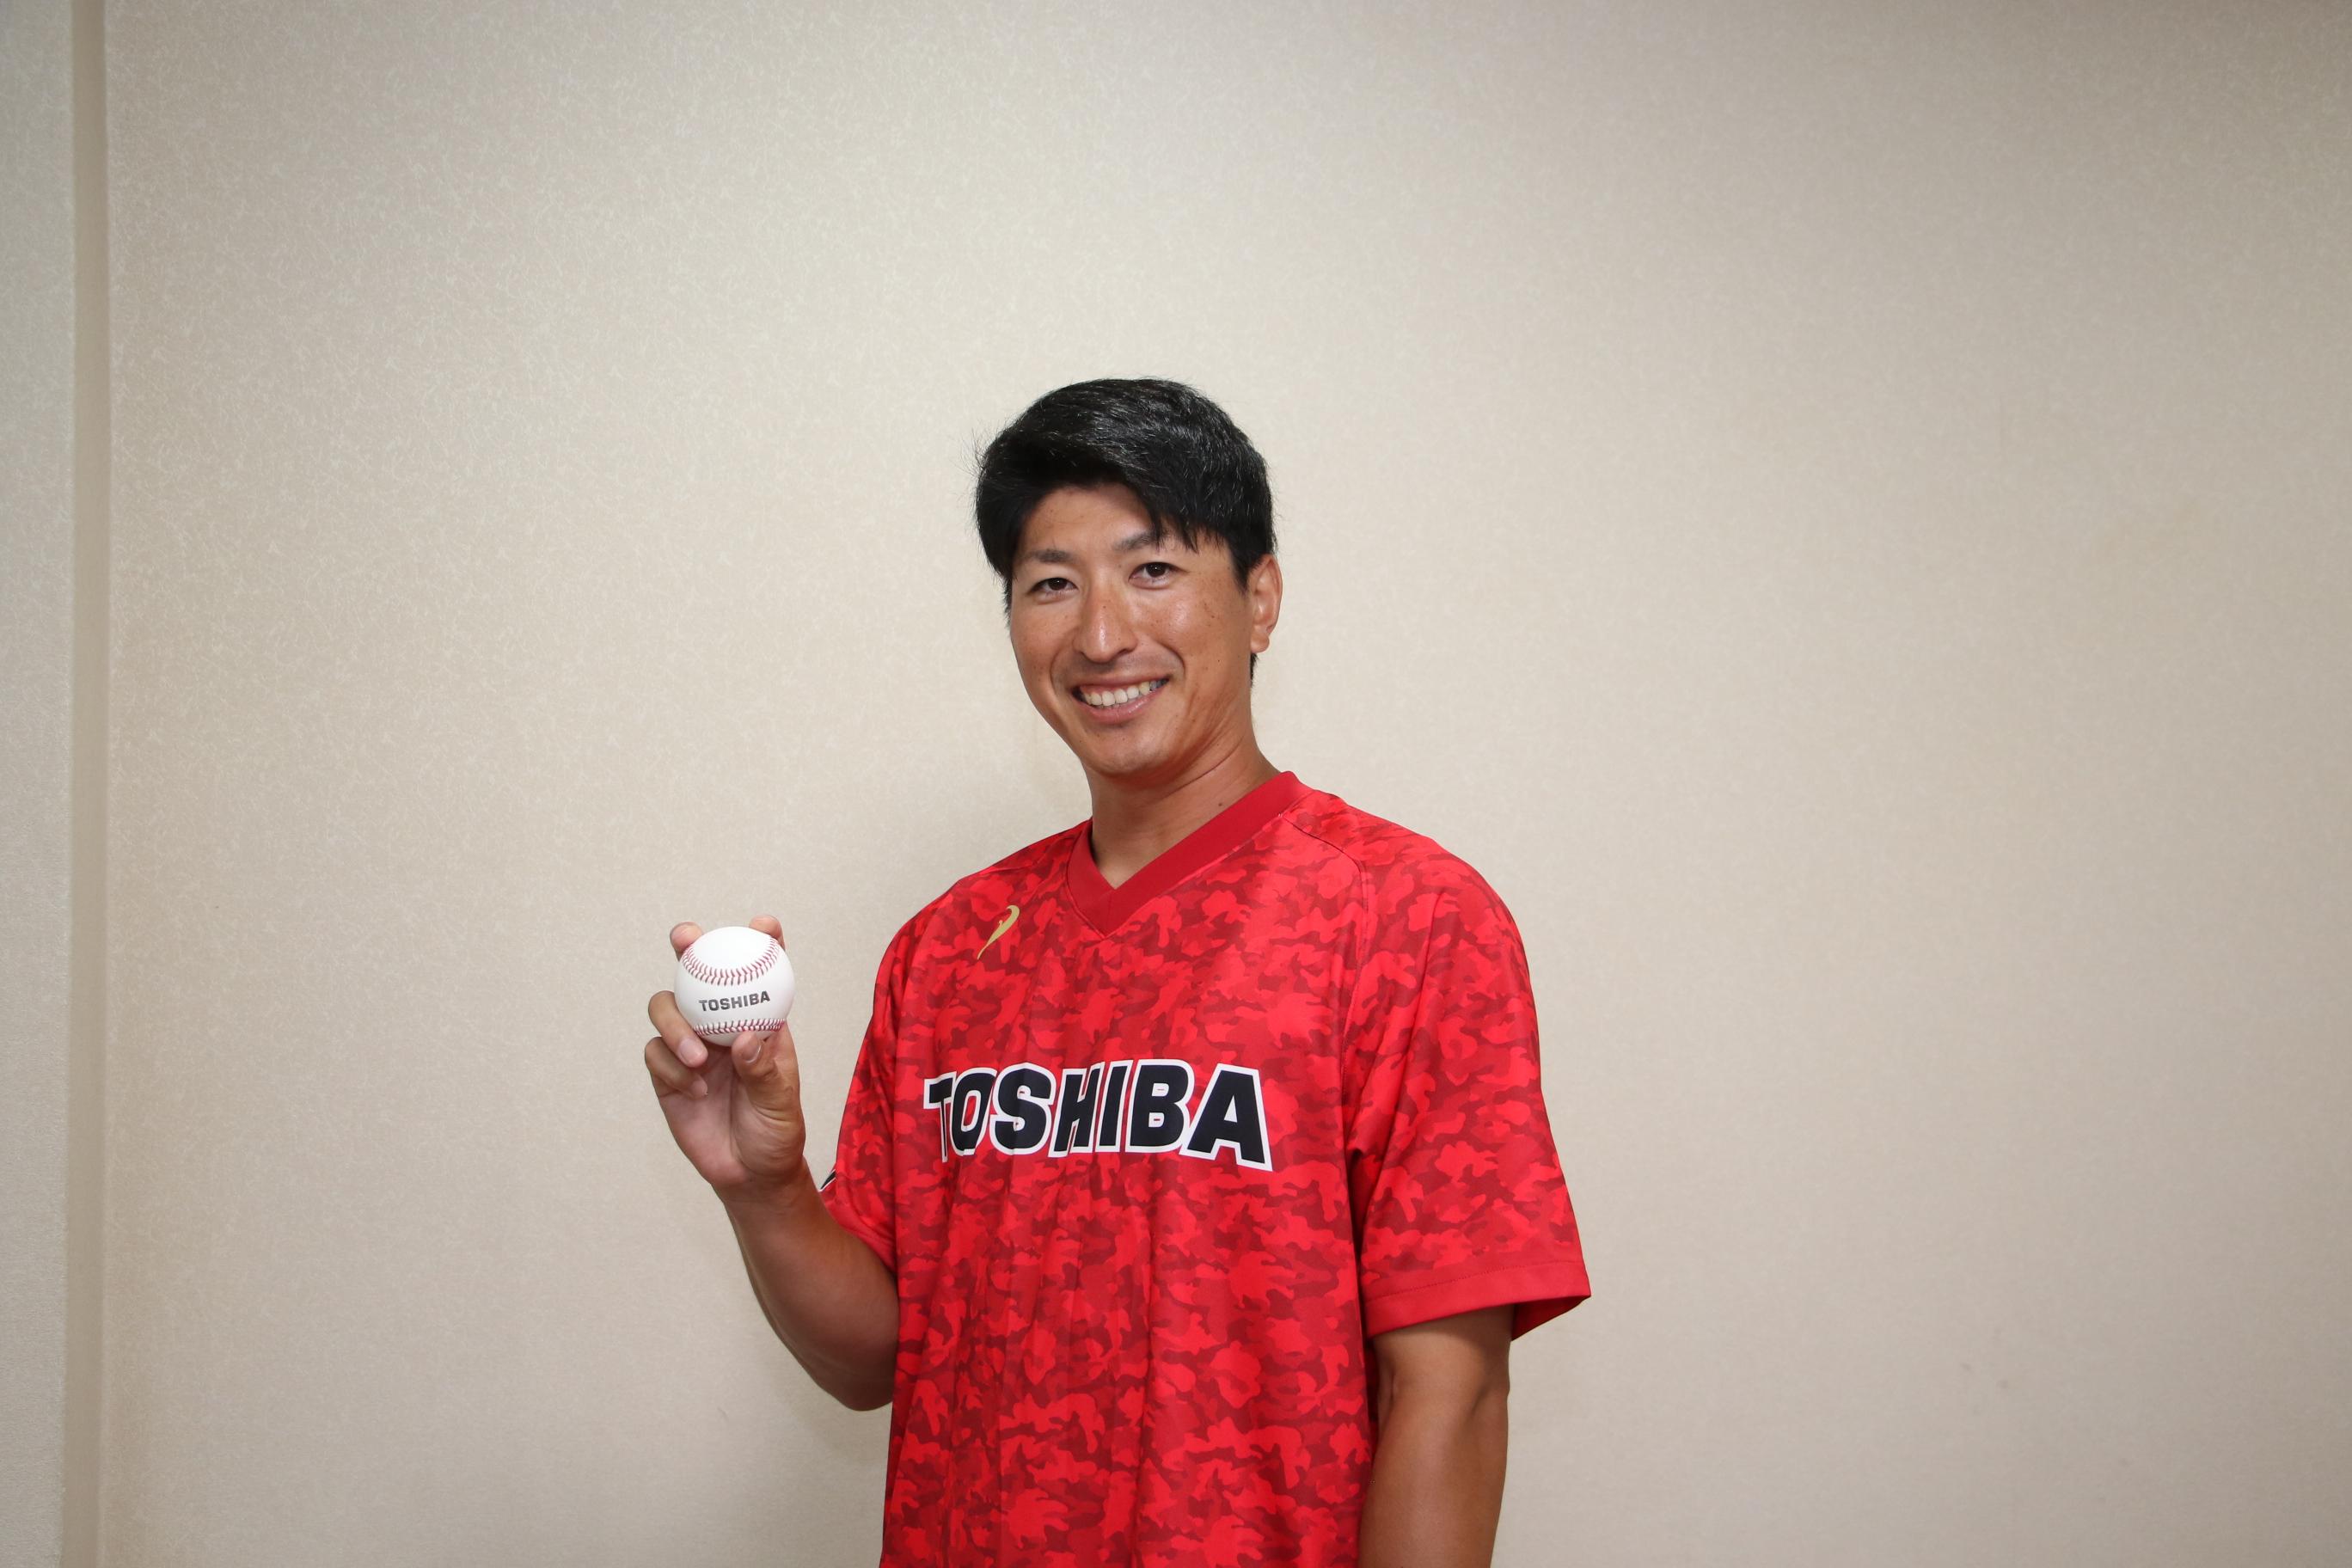 古巣の東芝野球部でコーチに就任した新垣勇人さん